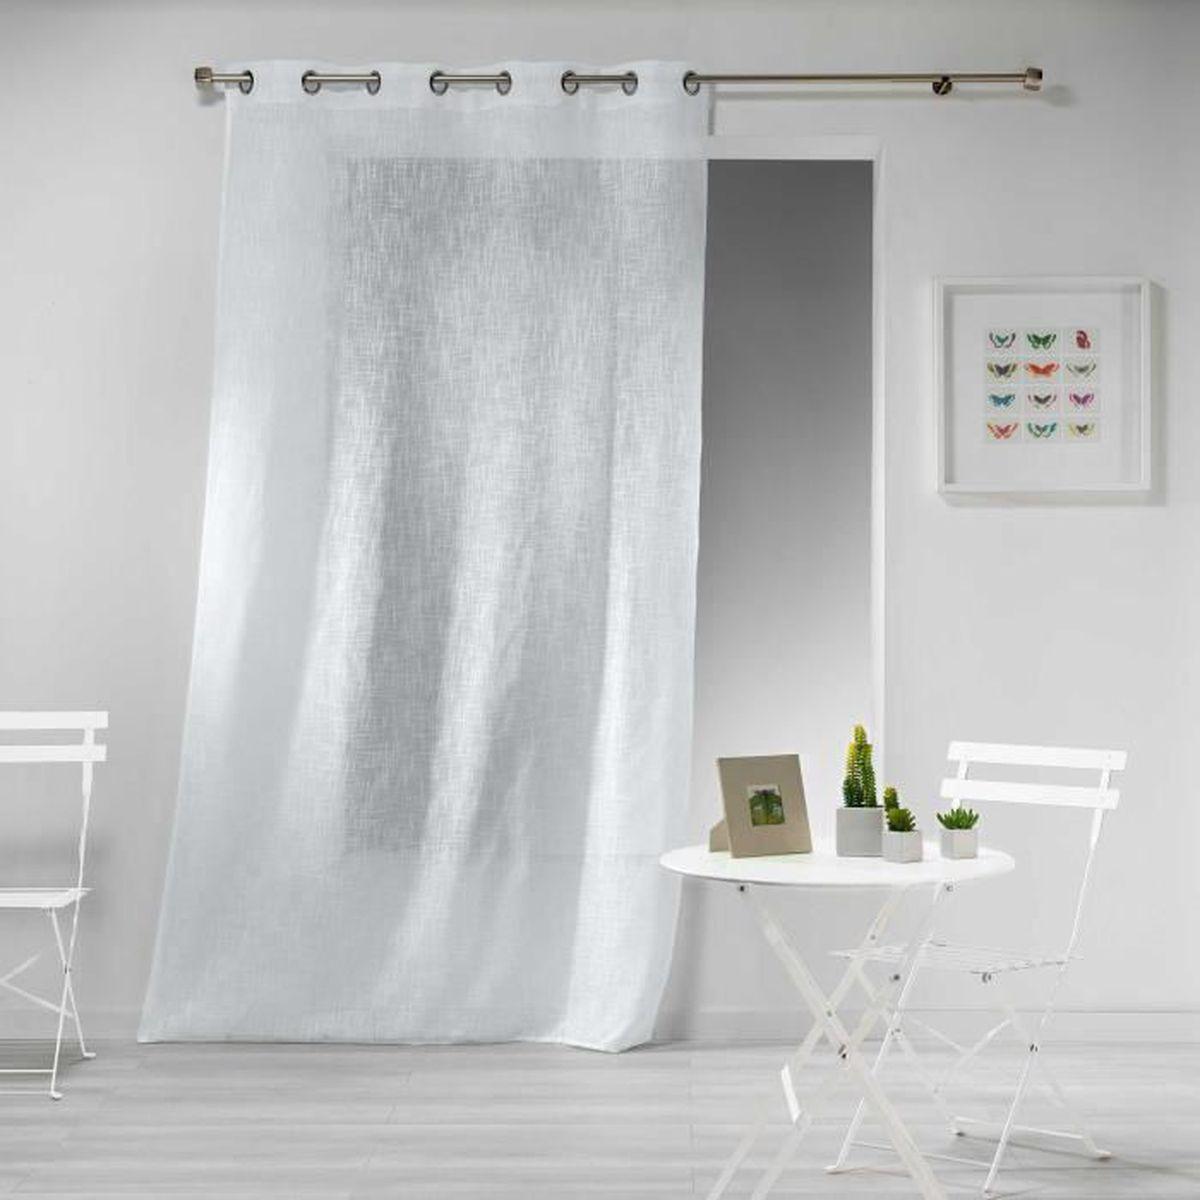 140x260 Dimensions Paire de double rideau aspect lin /épais blanc